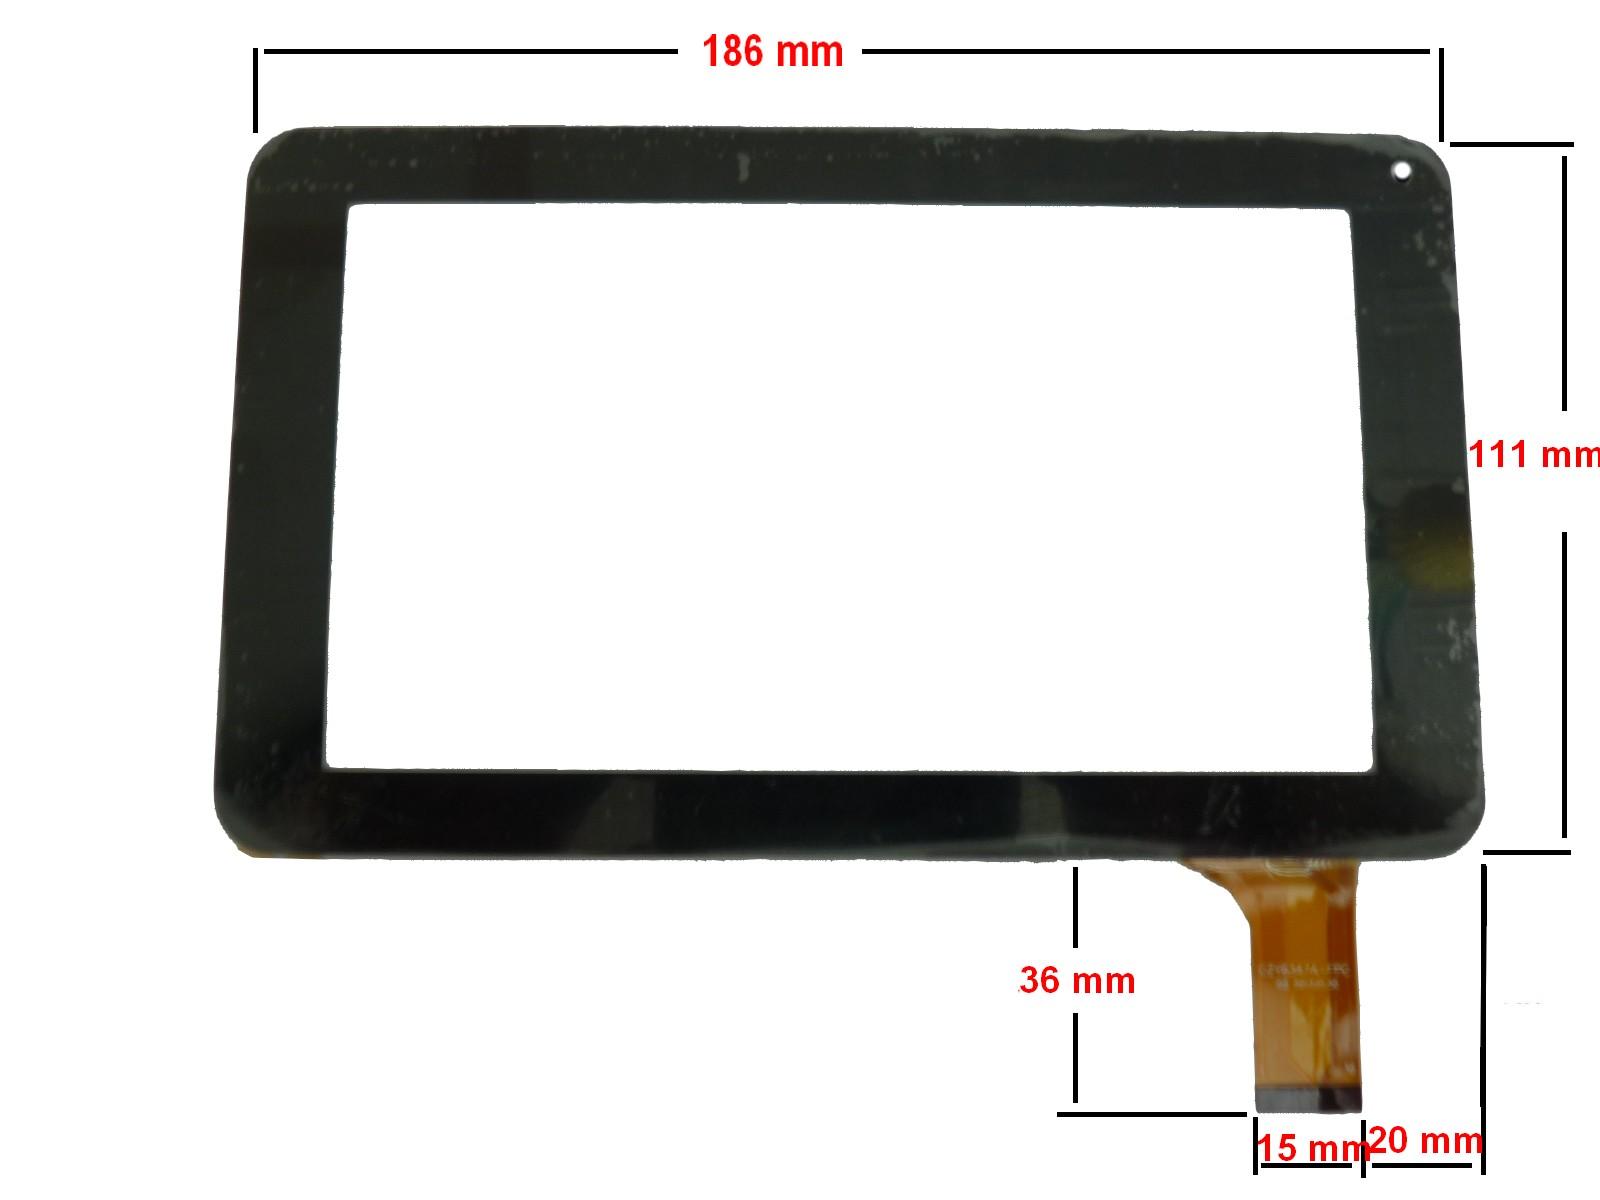 Ecran tactile pour tablette polaroid storex mpman - Ecran tactile tablette polaroid ...